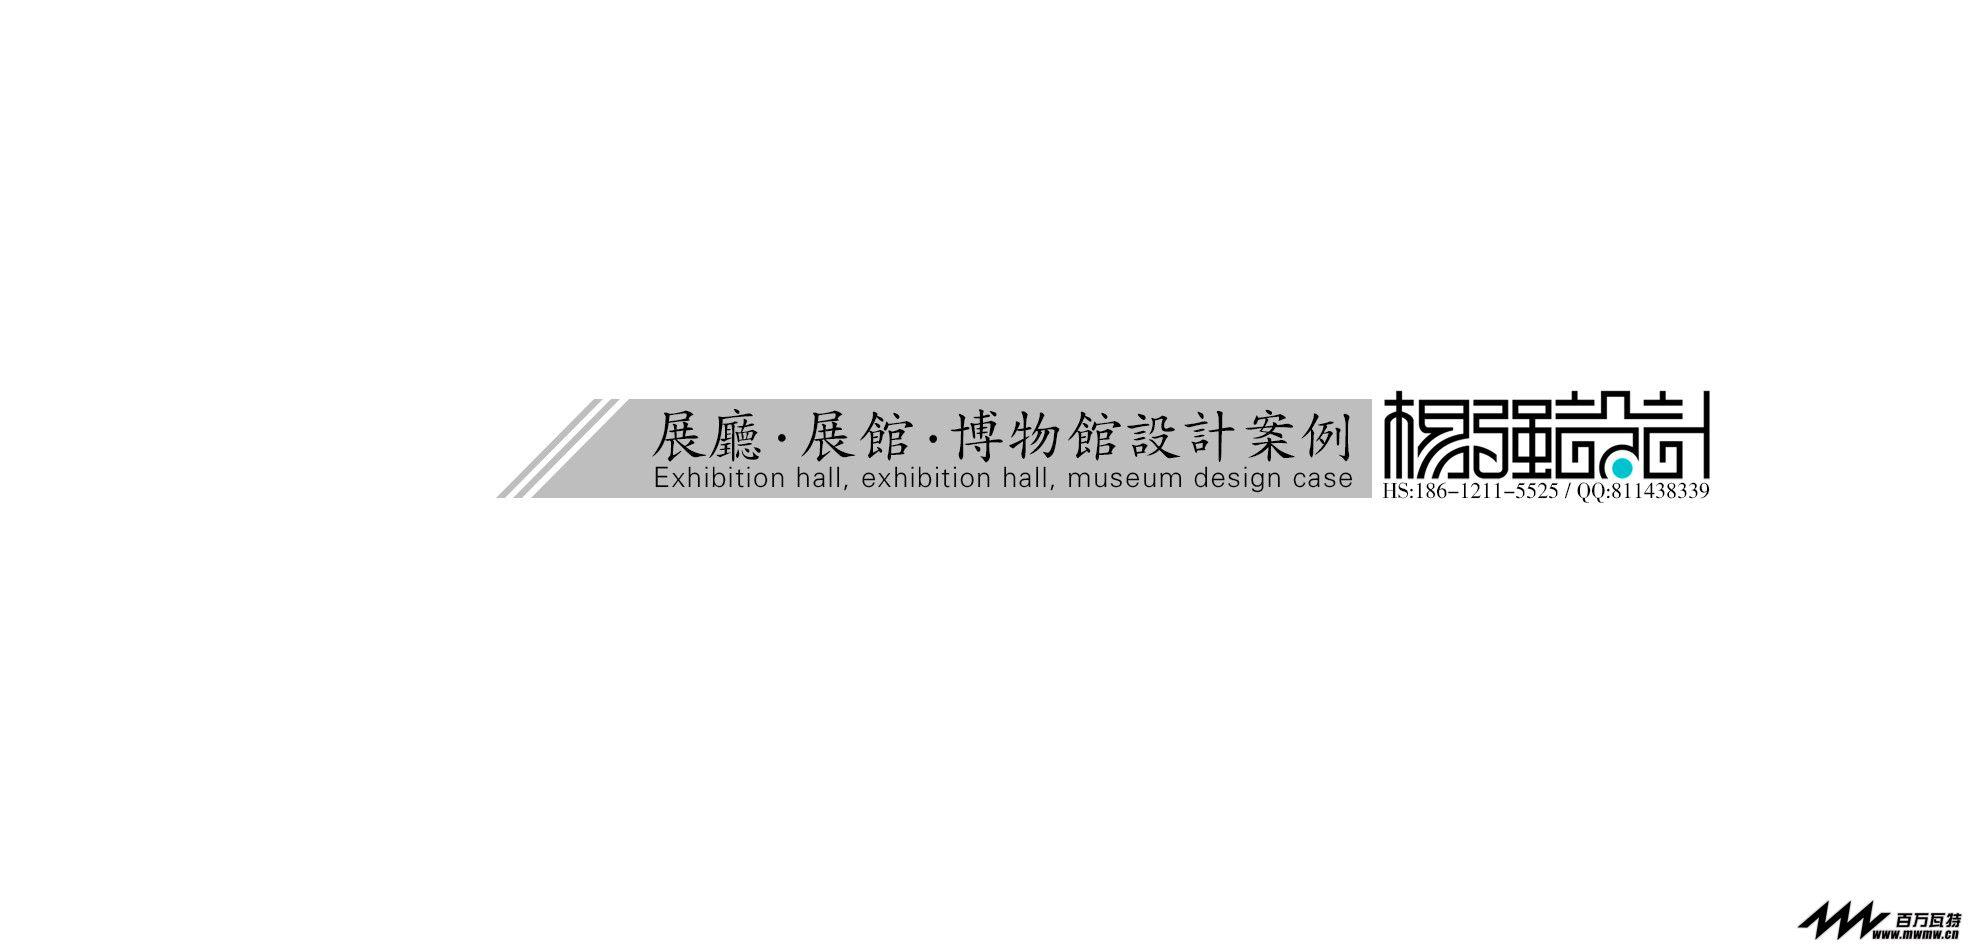 02杨强设计-展览展示.jpg